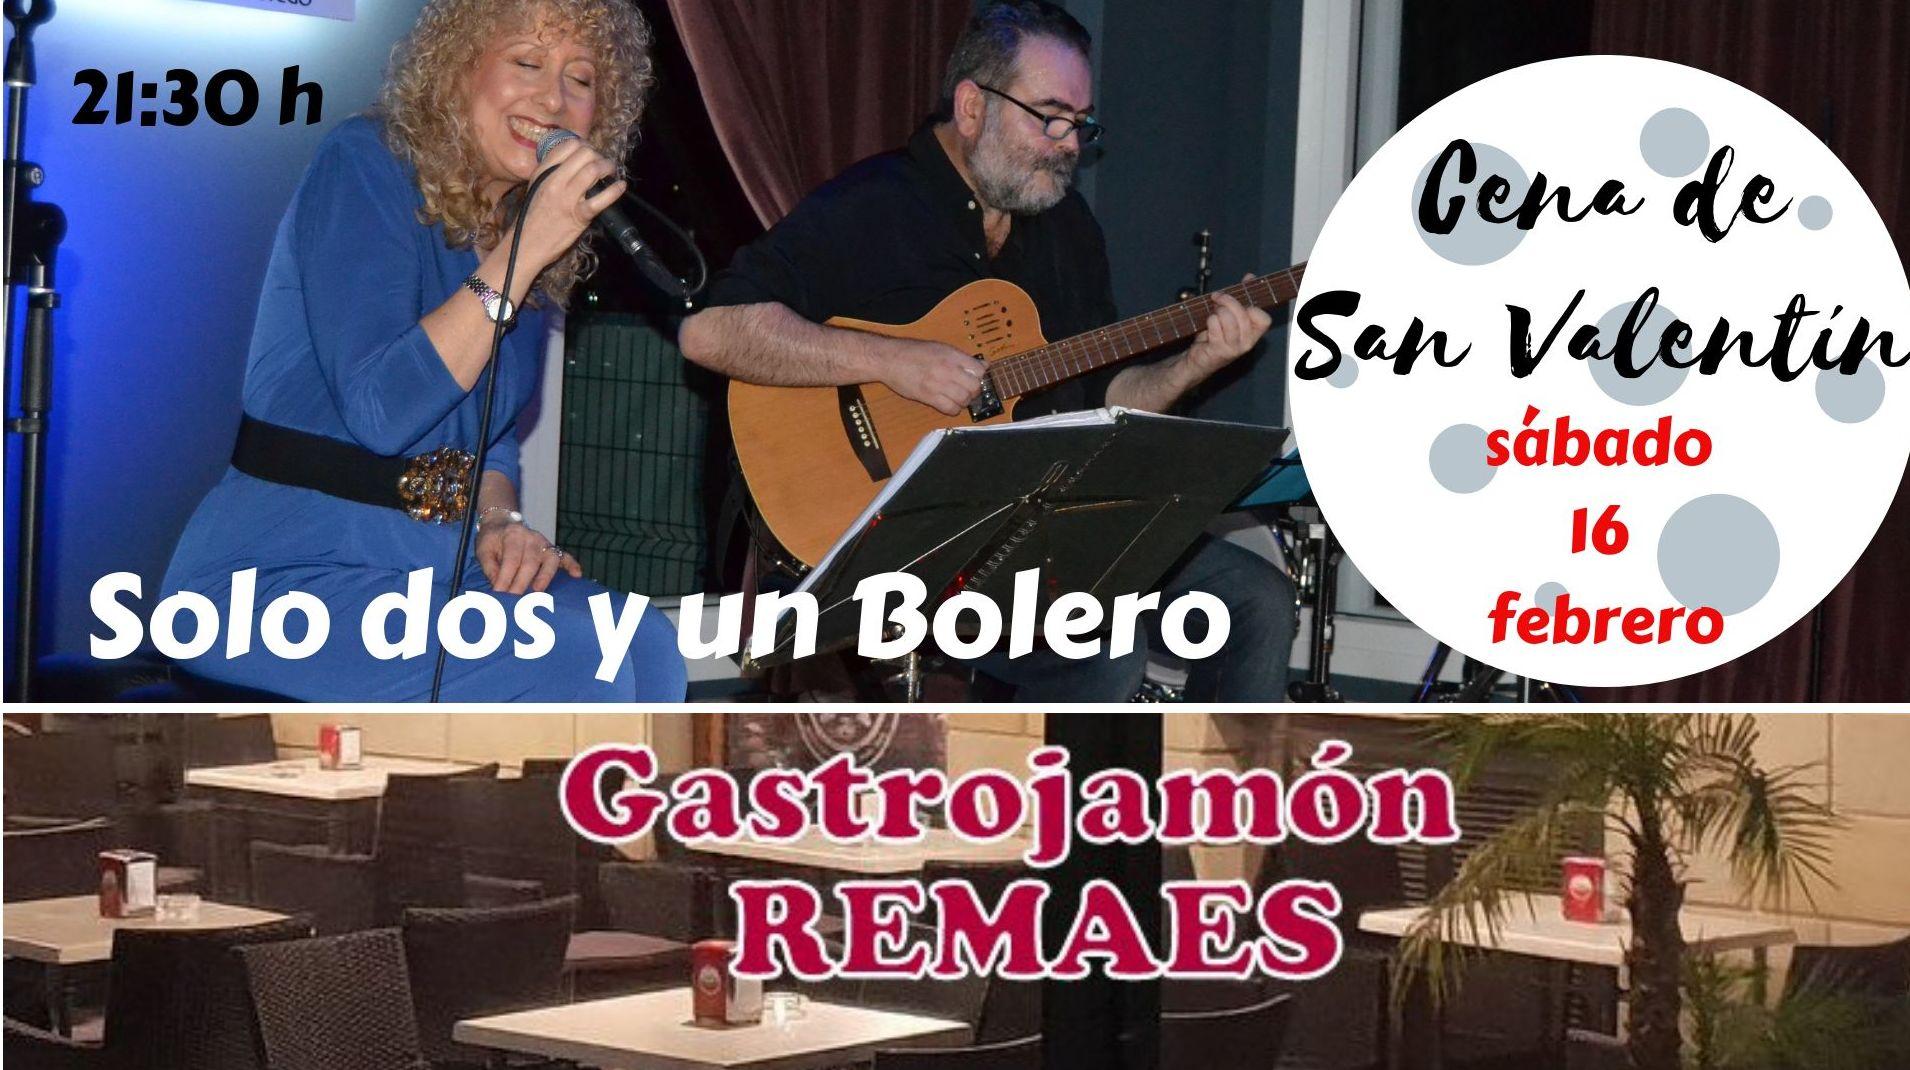 Foto 4 de Jamón en  | Remaes Gastrojamón